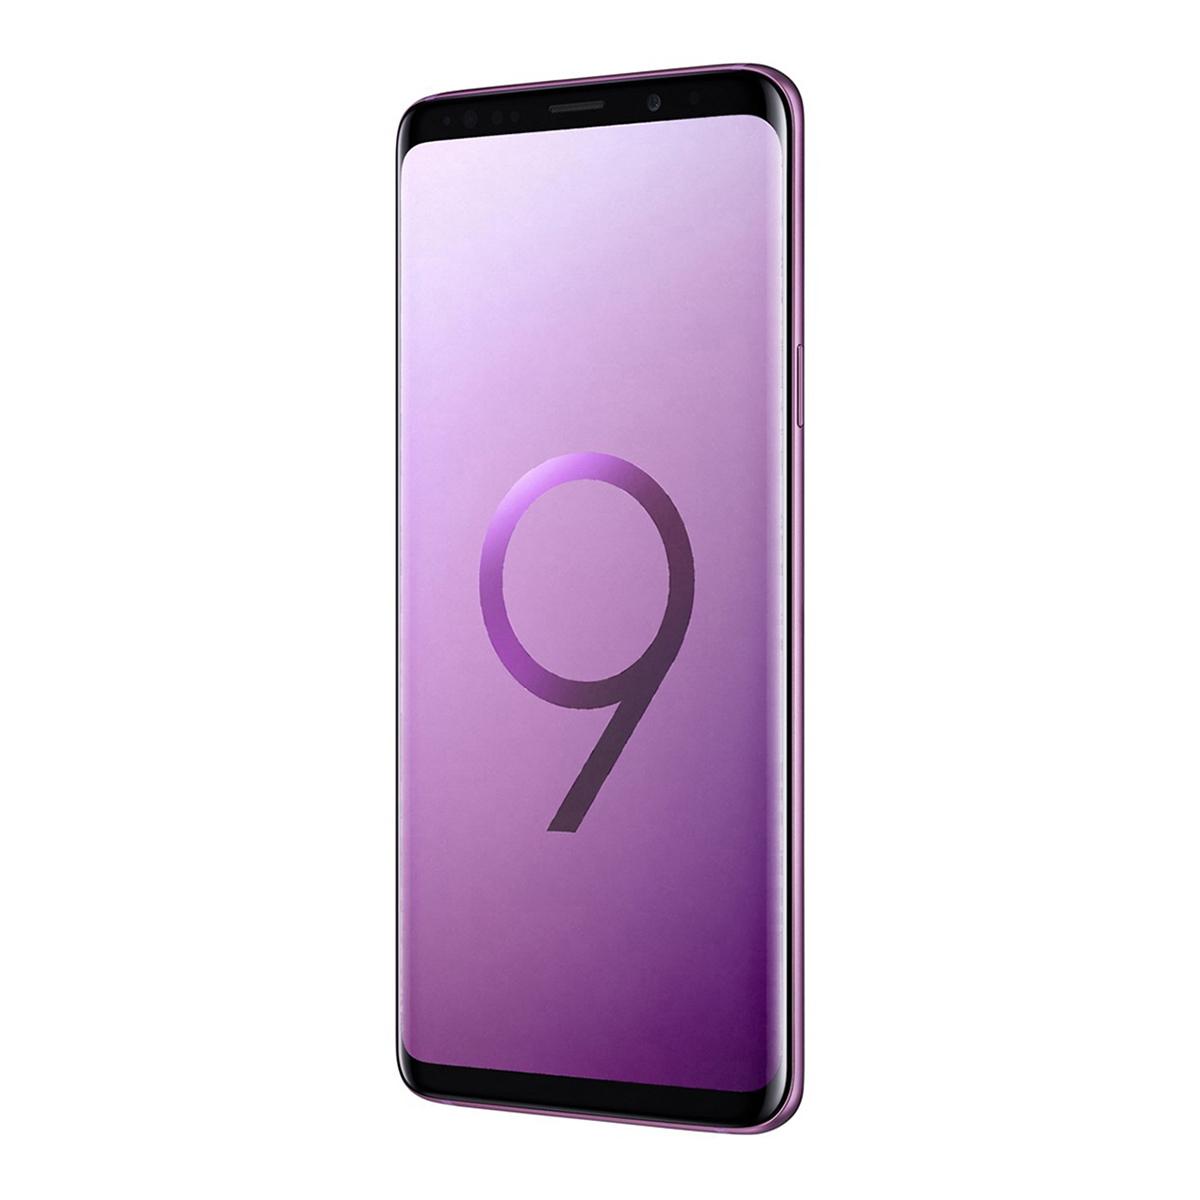 Samsung Galaxy S9 Plus G9650 64GB Anatel - Recondicionado